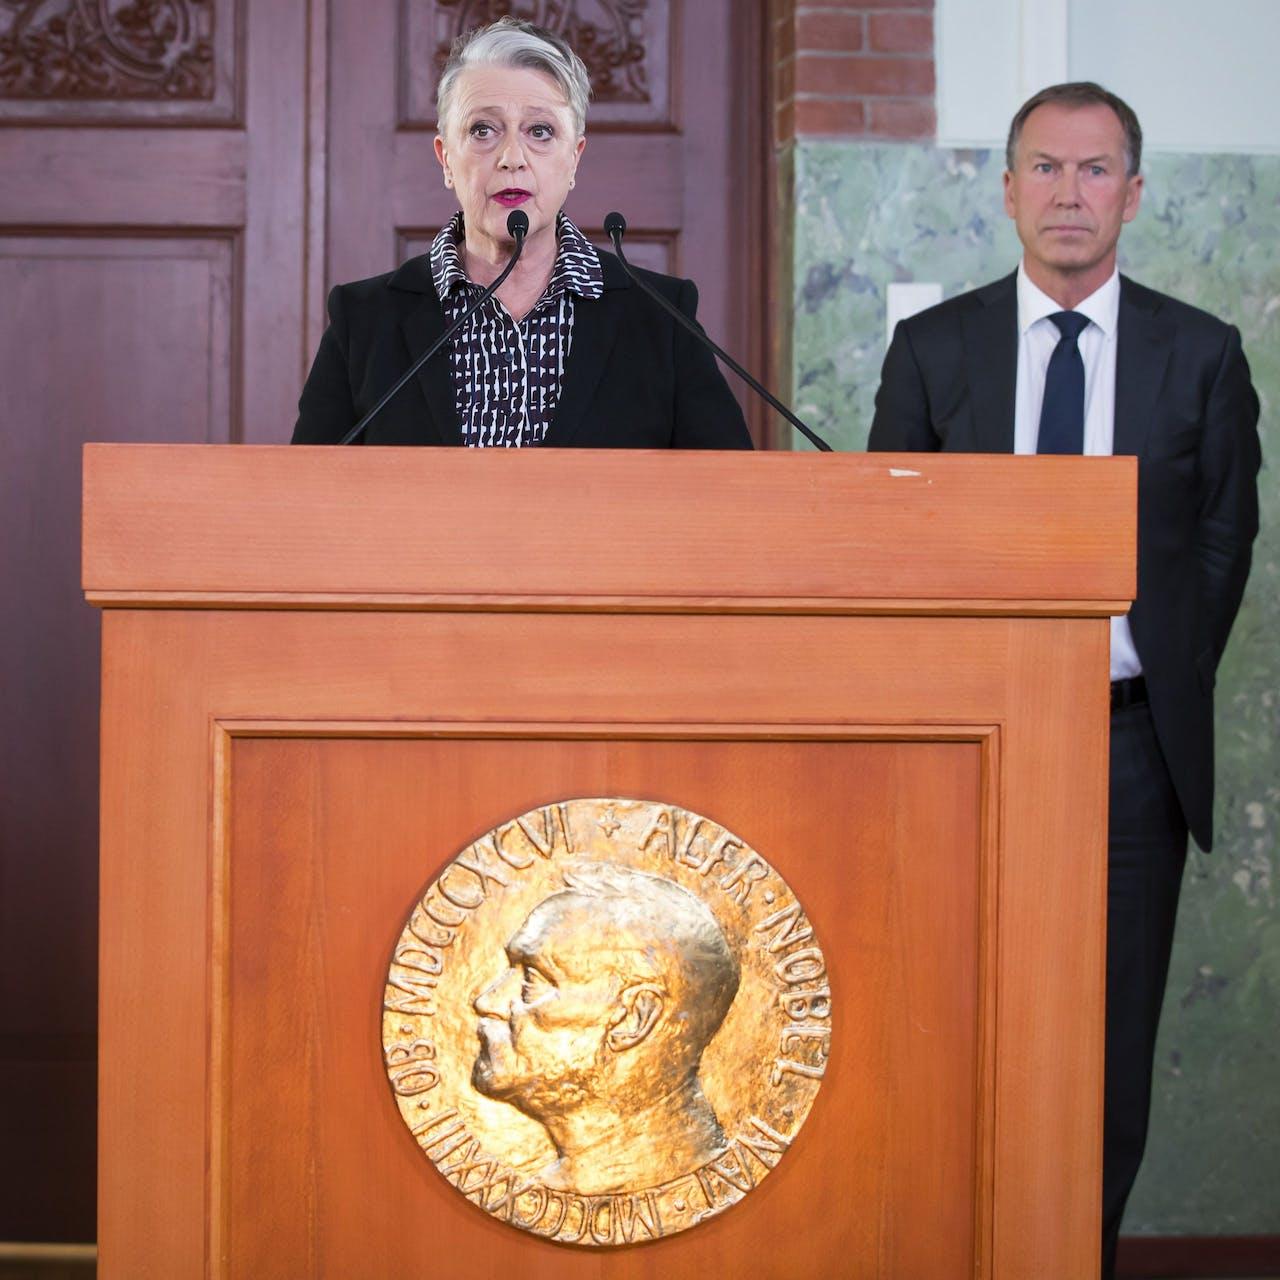 Voorzitter Berit Reiss-Andersen (L) en secretaris Olav Njoelstad van het Noorse Nobel Comité maken de winnaar van de Nobelprijs voor de Vrede bekend.